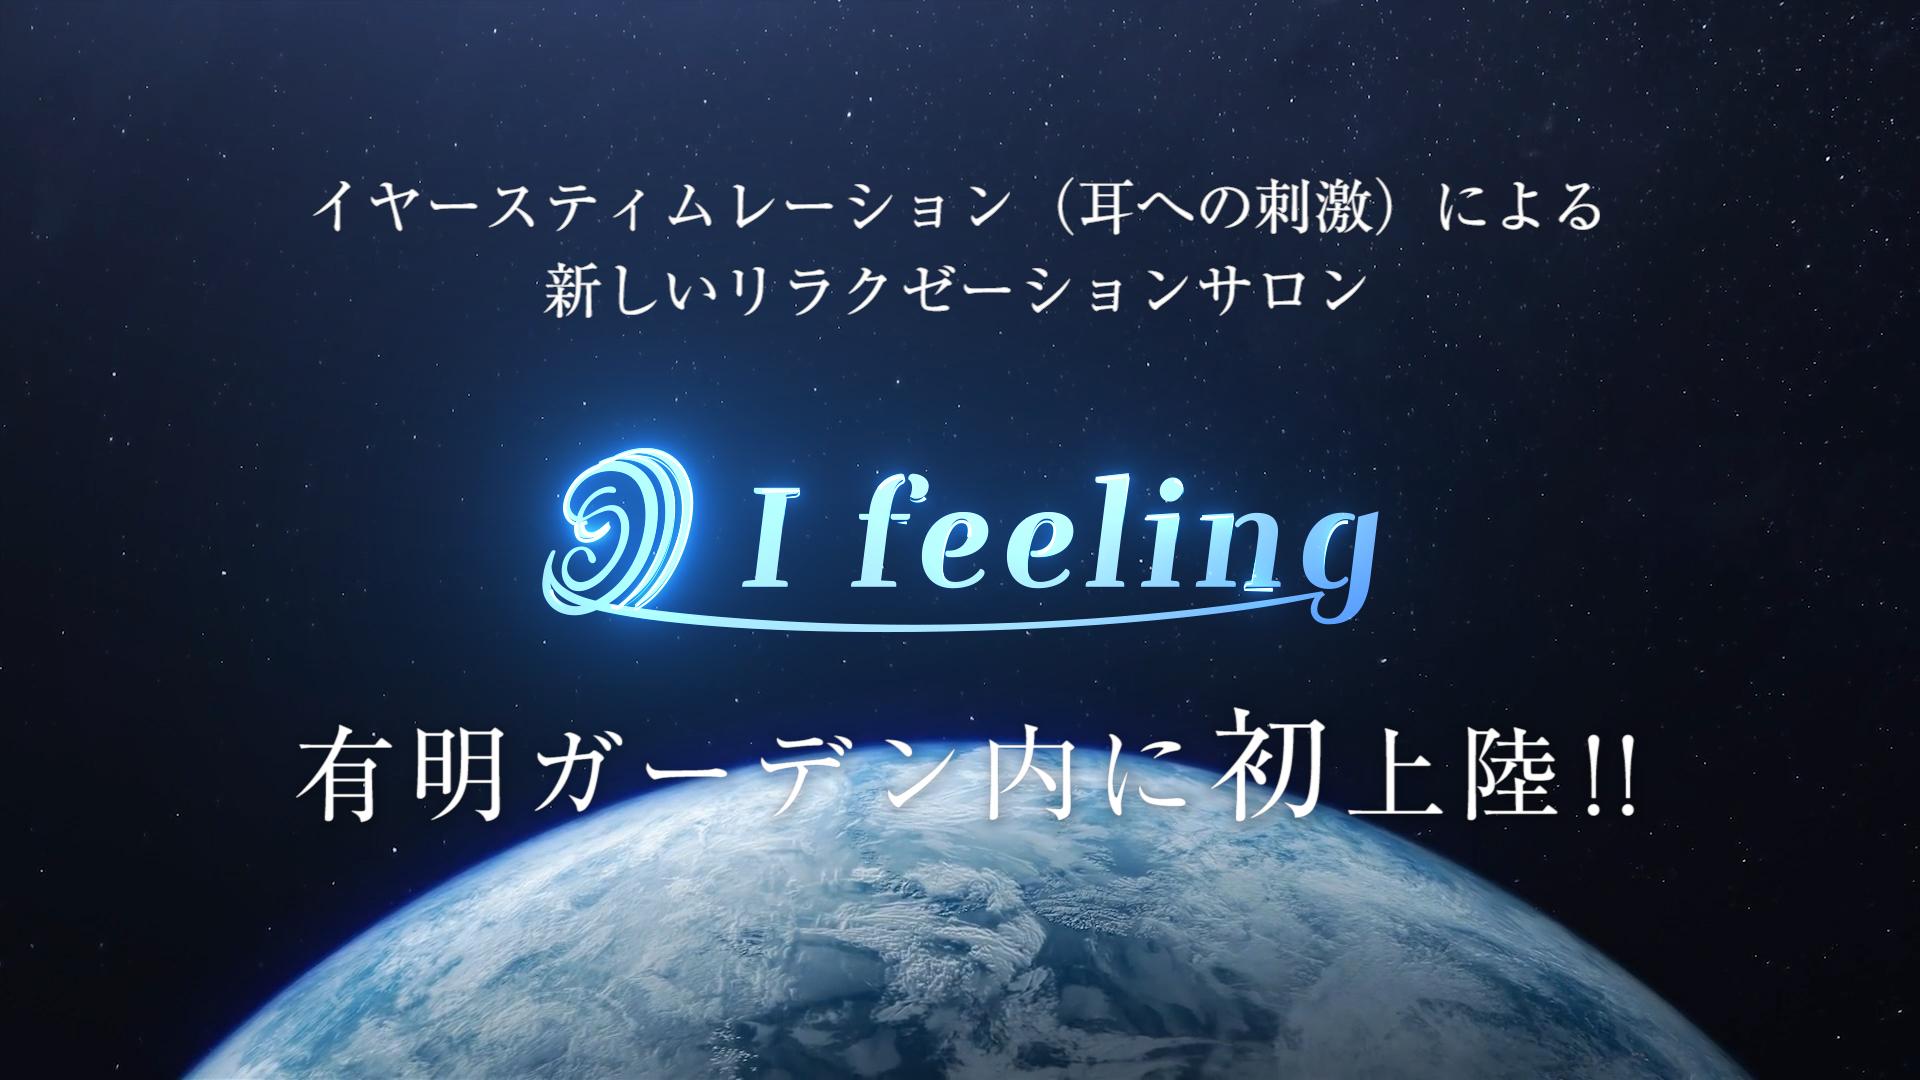 [I feeling]究極耳脳テラピー 日本初上陸